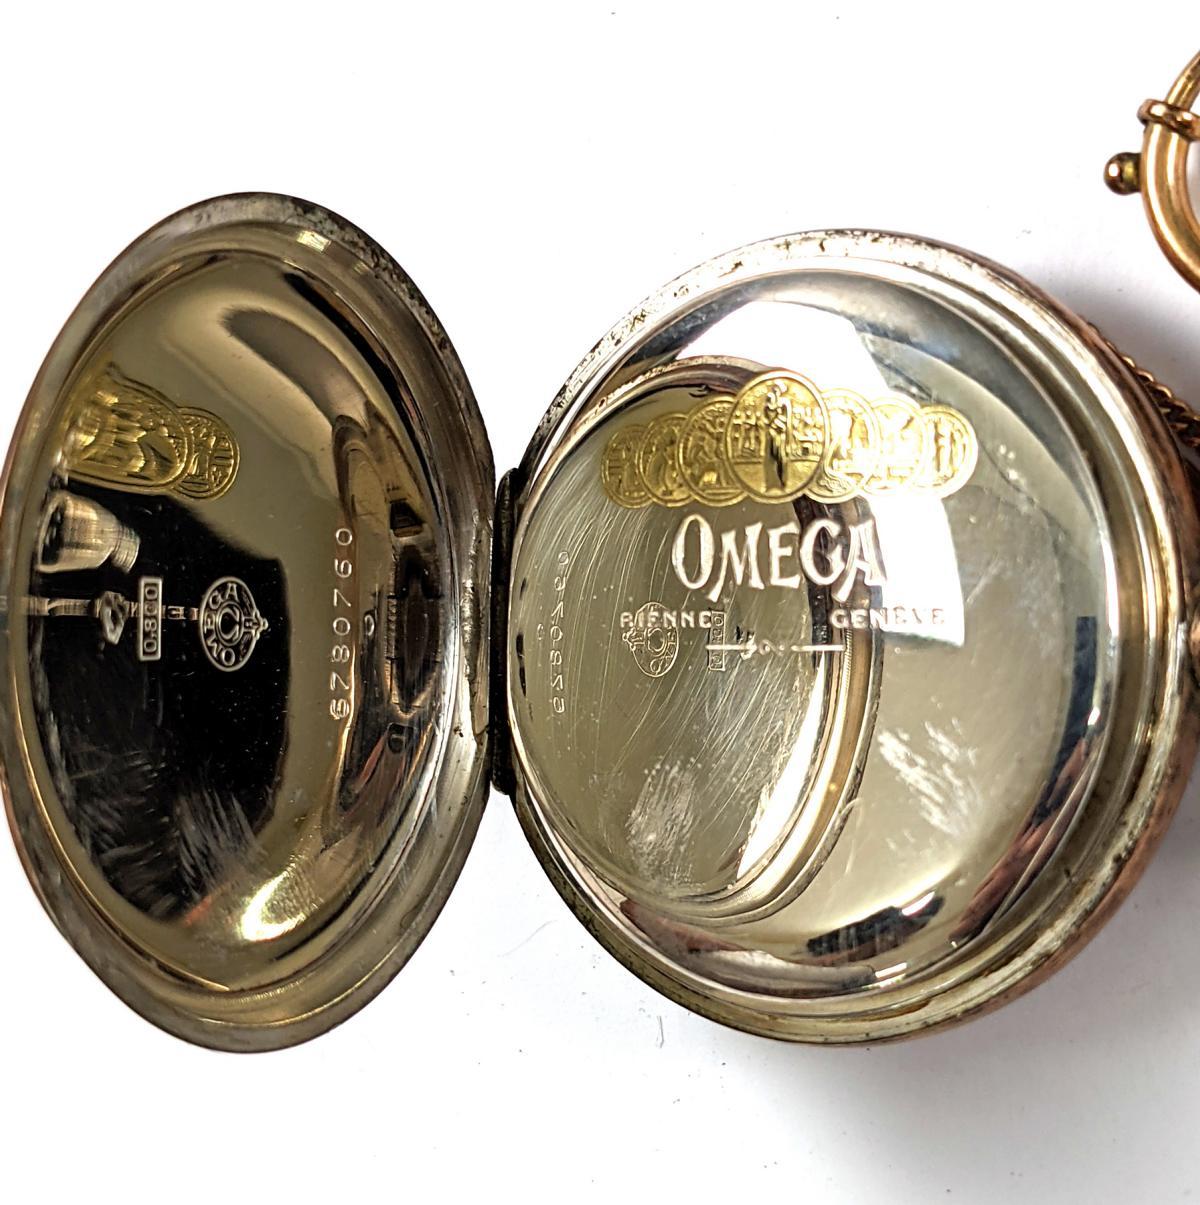 OMEGA Taschenuhr aus 800er Silber-4